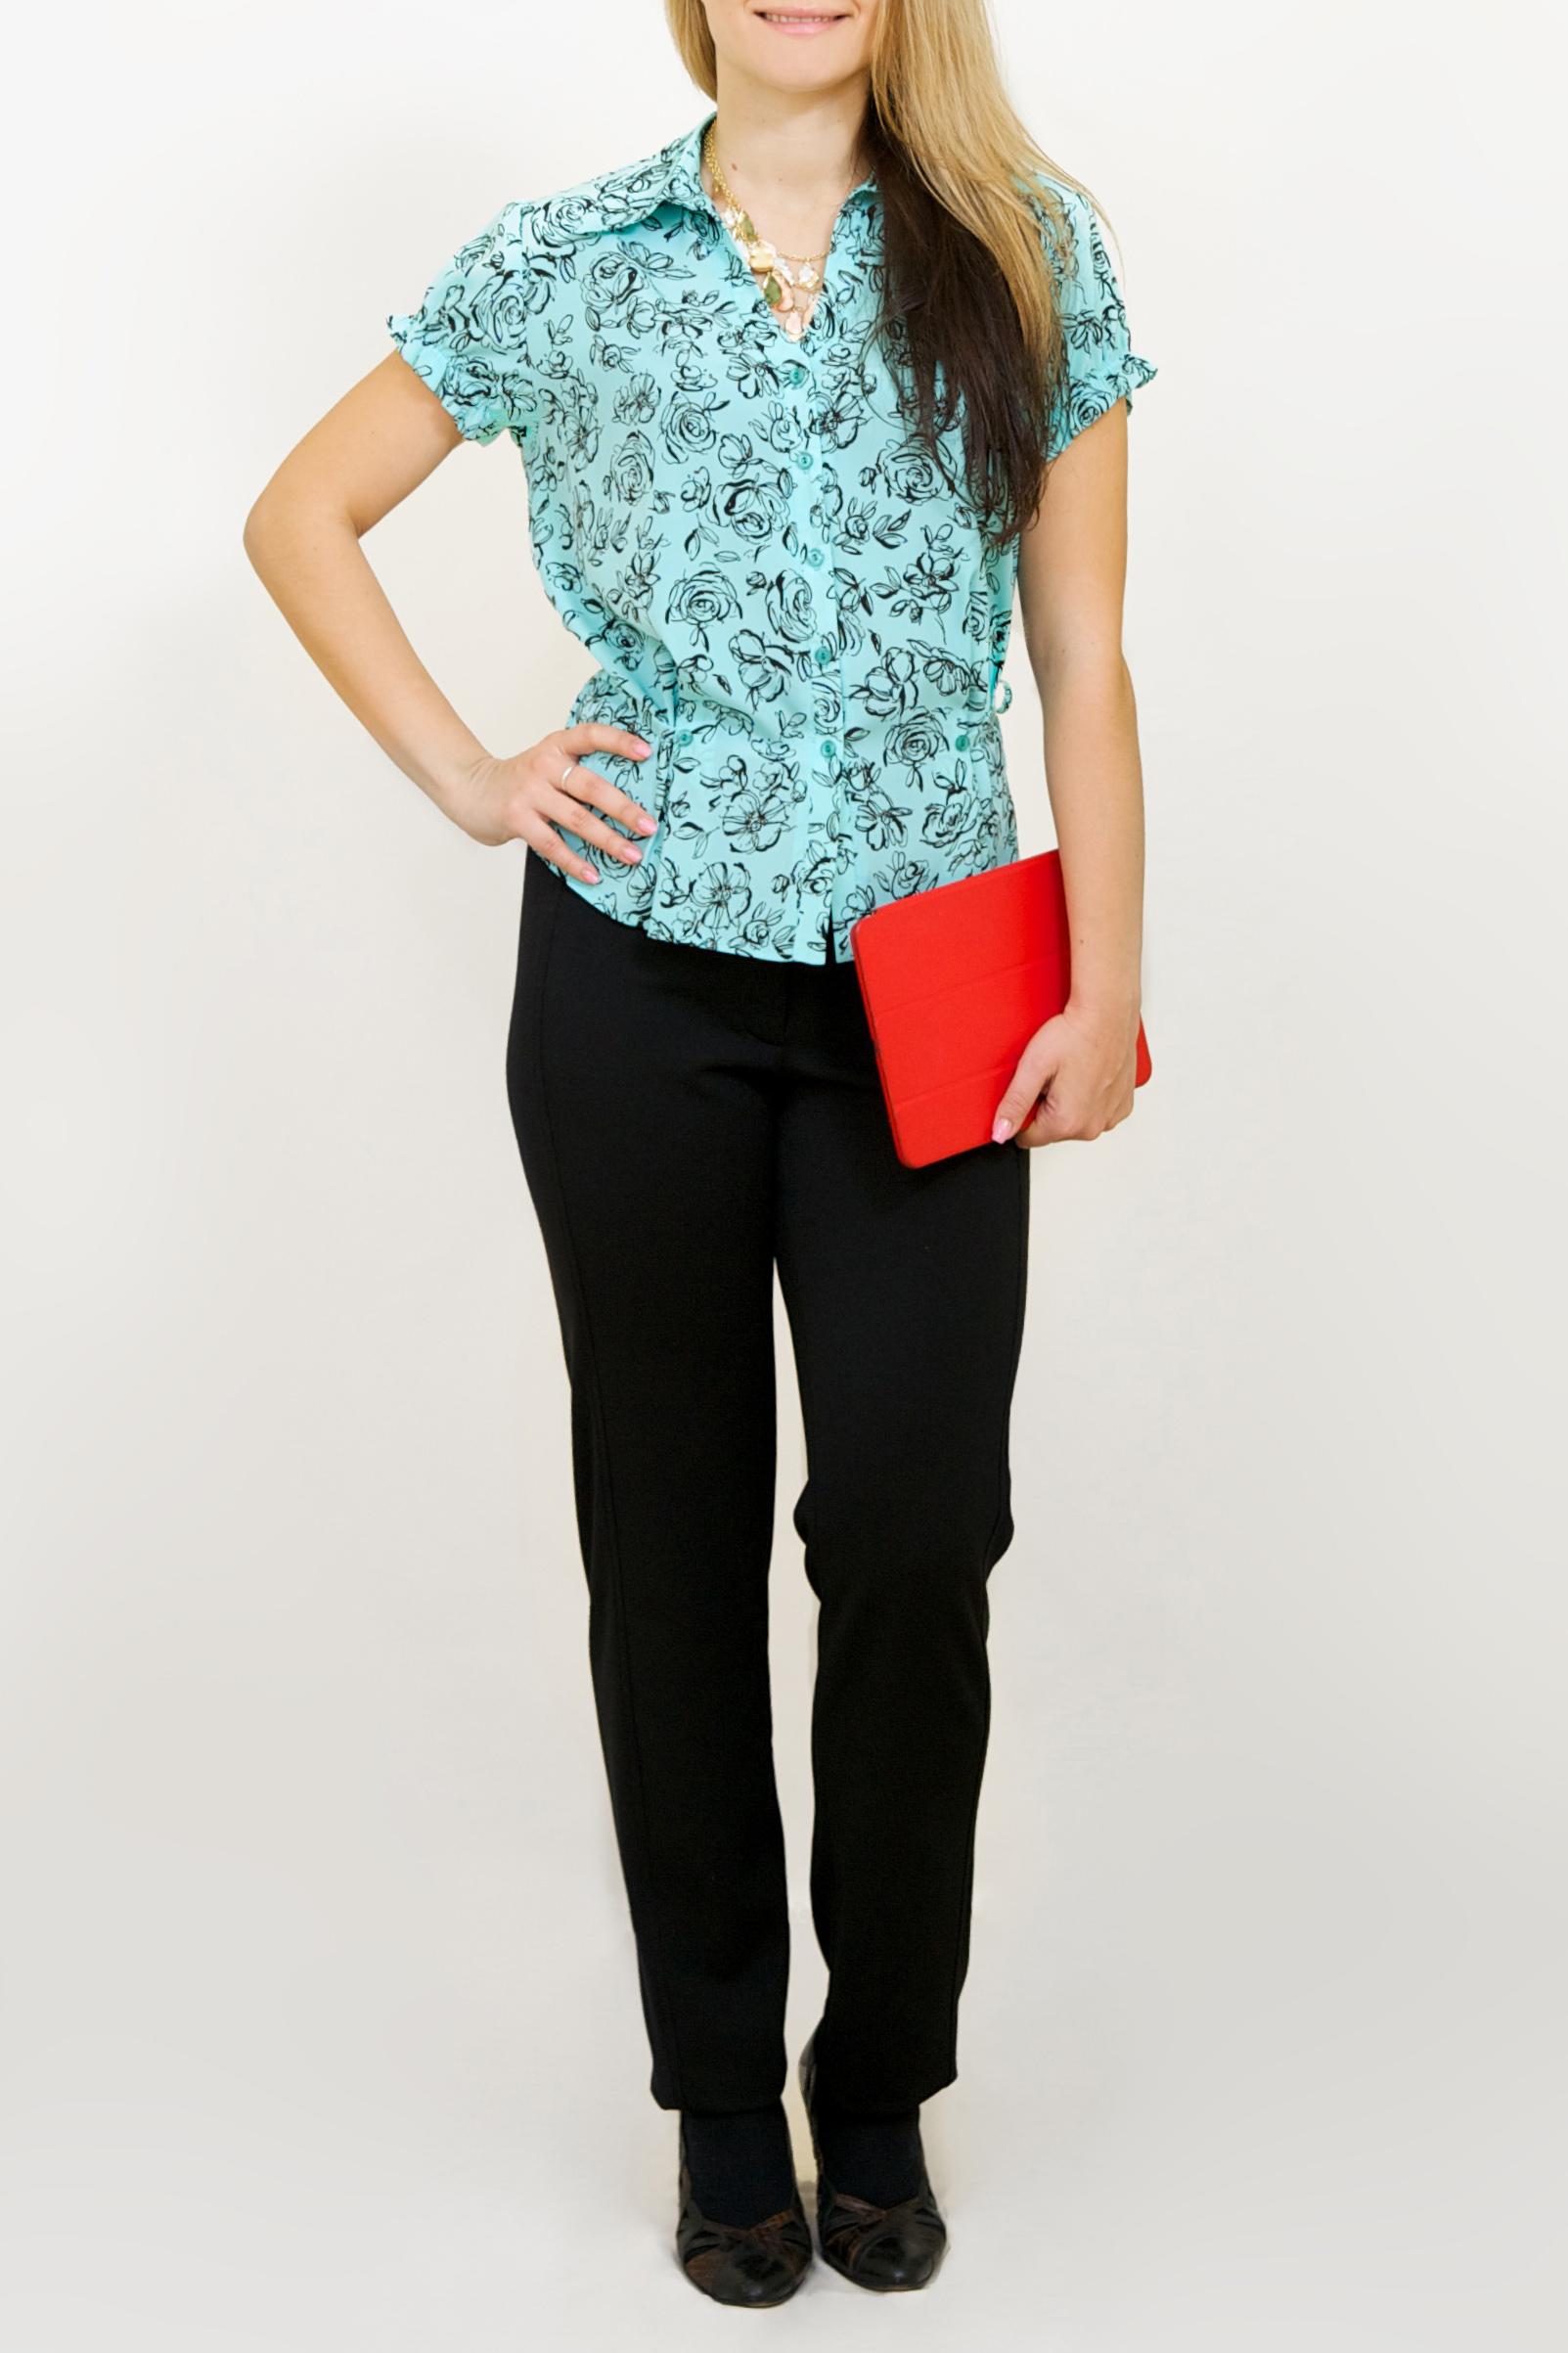 БлузкаБлузки<br>Чудесная блузка с короткими рукавами. Модель выполнена из приятного материала. Отличный выбор для повседневного гардероба.  Цвет: голубой, черный  Ростовка изделия 170 см.<br><br>Воротник: Рубашечный<br>Горловина: V- горловина<br>По материалу: Блузочная ткань,Хлопок<br>По образу: Город,Свидание<br>По рисунку: С принтом,Цветные<br>По сезону: Весна,Зима,Лето,Осень,Всесезон<br>По силуэту: Свободные<br>По стилю: Повседневный стиль<br>Рукав: Короткий рукав<br>Размер : 50,58,60<br>Материал: Блузочная ткань<br>Количество в наличии: 7